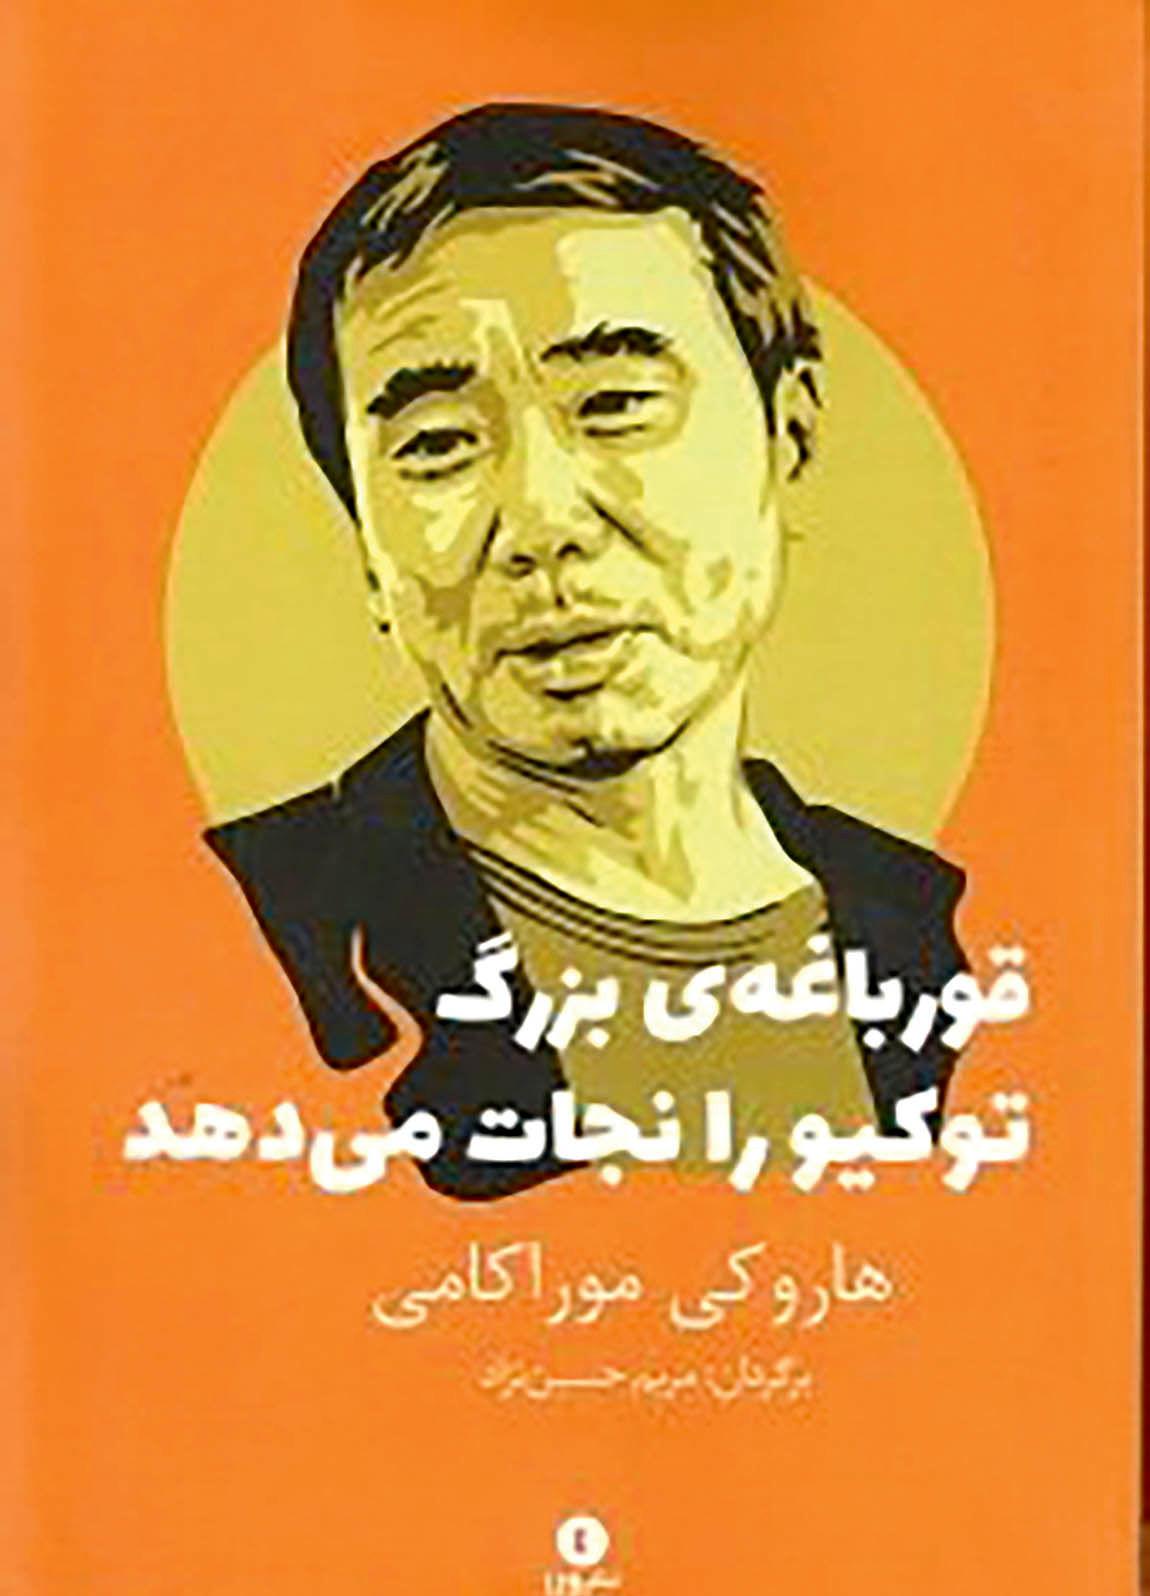 داستانهای کوتاه موراکامی در بازار کتاب